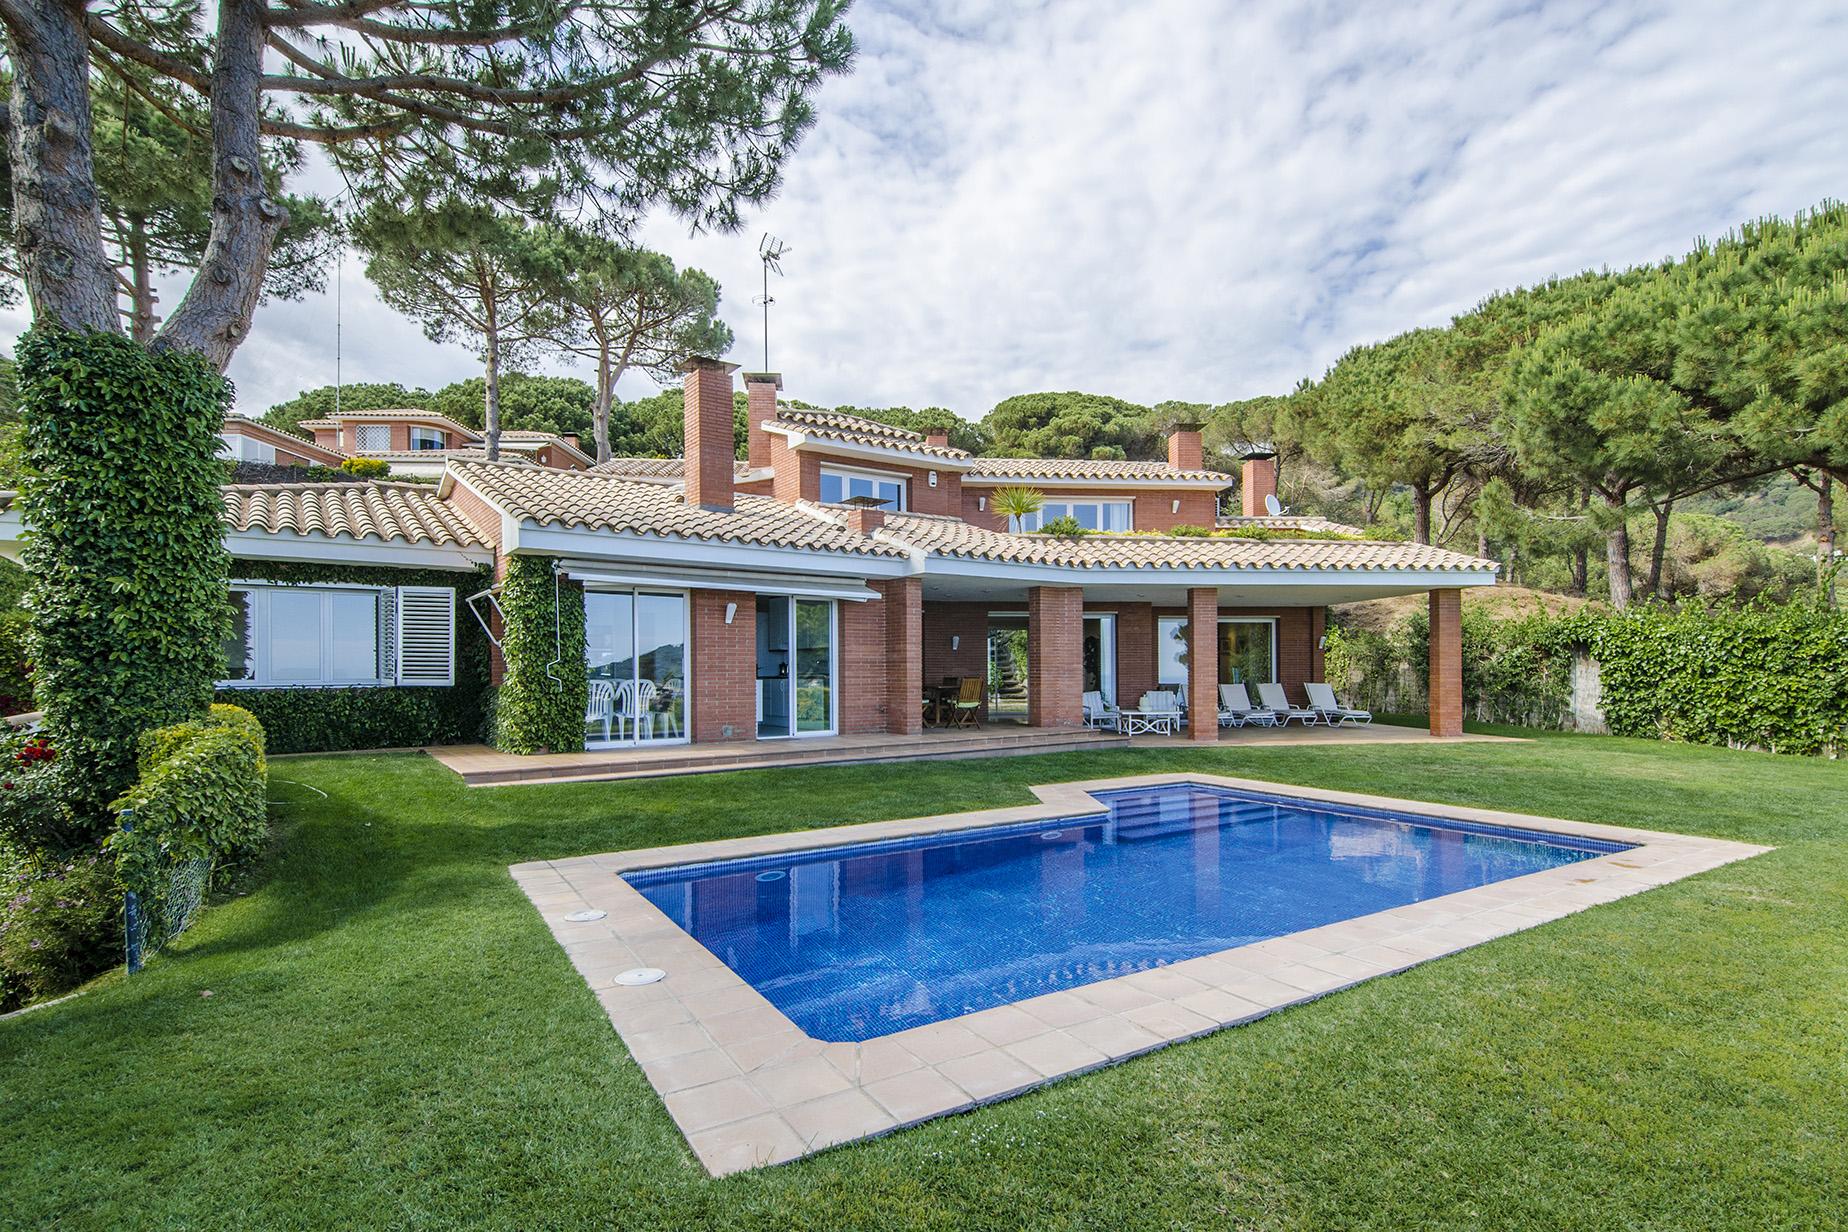 Nhà ở một gia đình vì Bán tại Nice house full of natural light and with magnificent sea views in Cabrils Cabrils, Barcelona, 08348 Tây Ban Nha